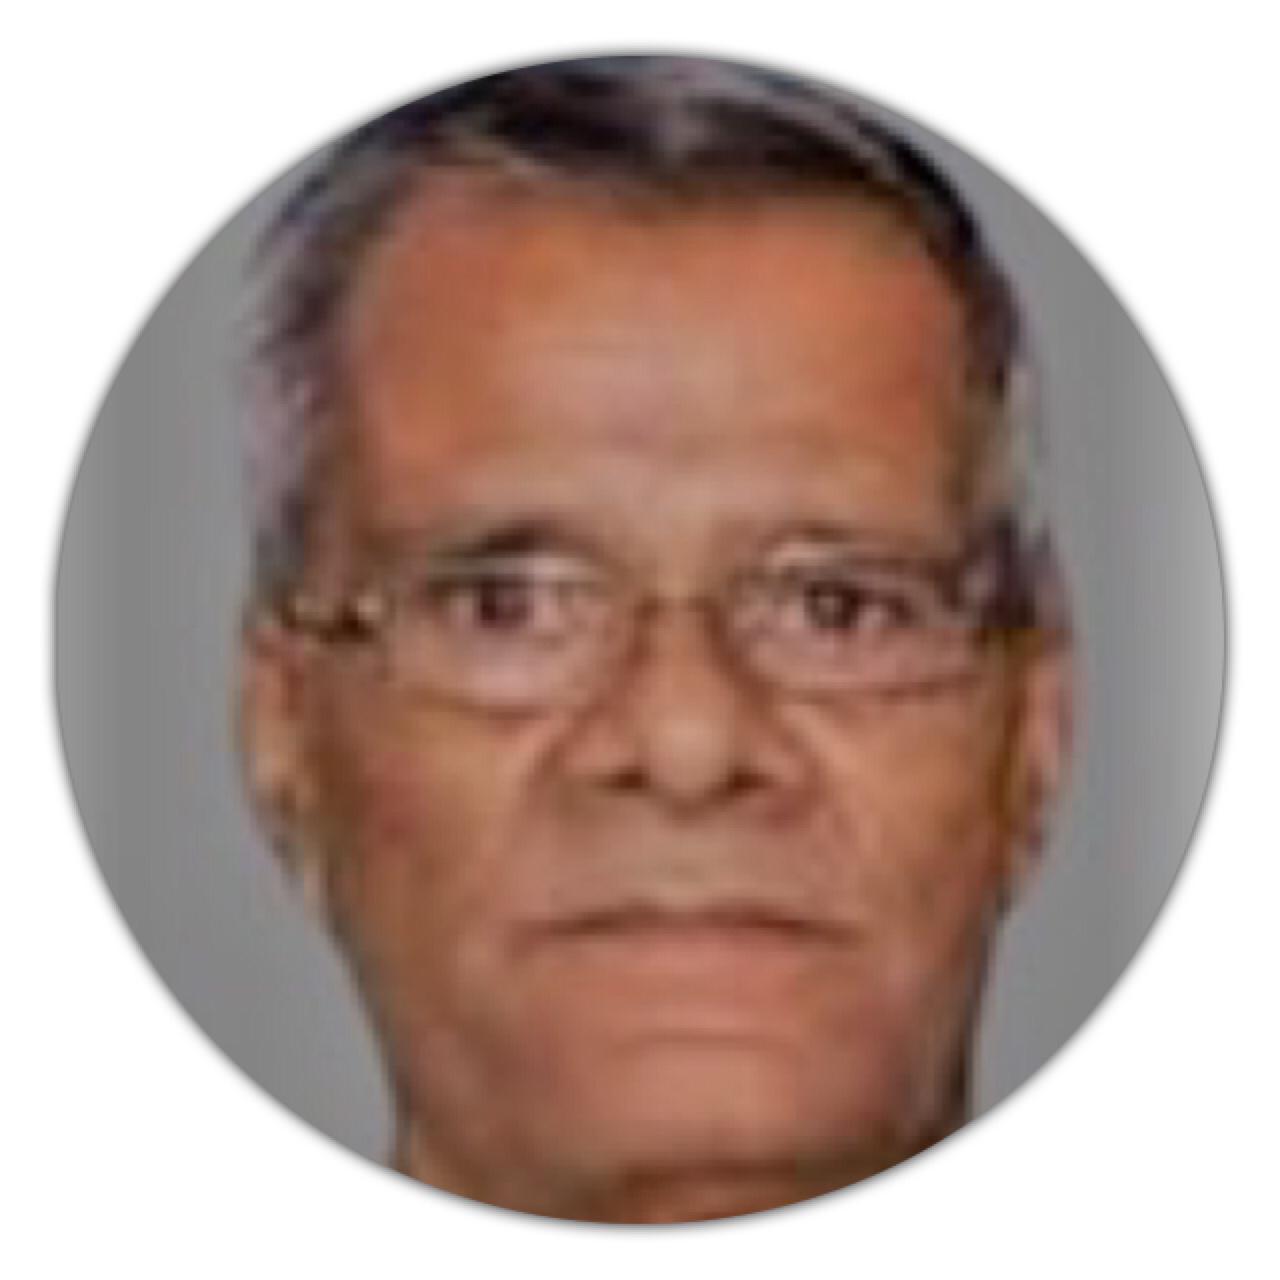 திரு. வேலுப்பிள்ளை நாகராஜா